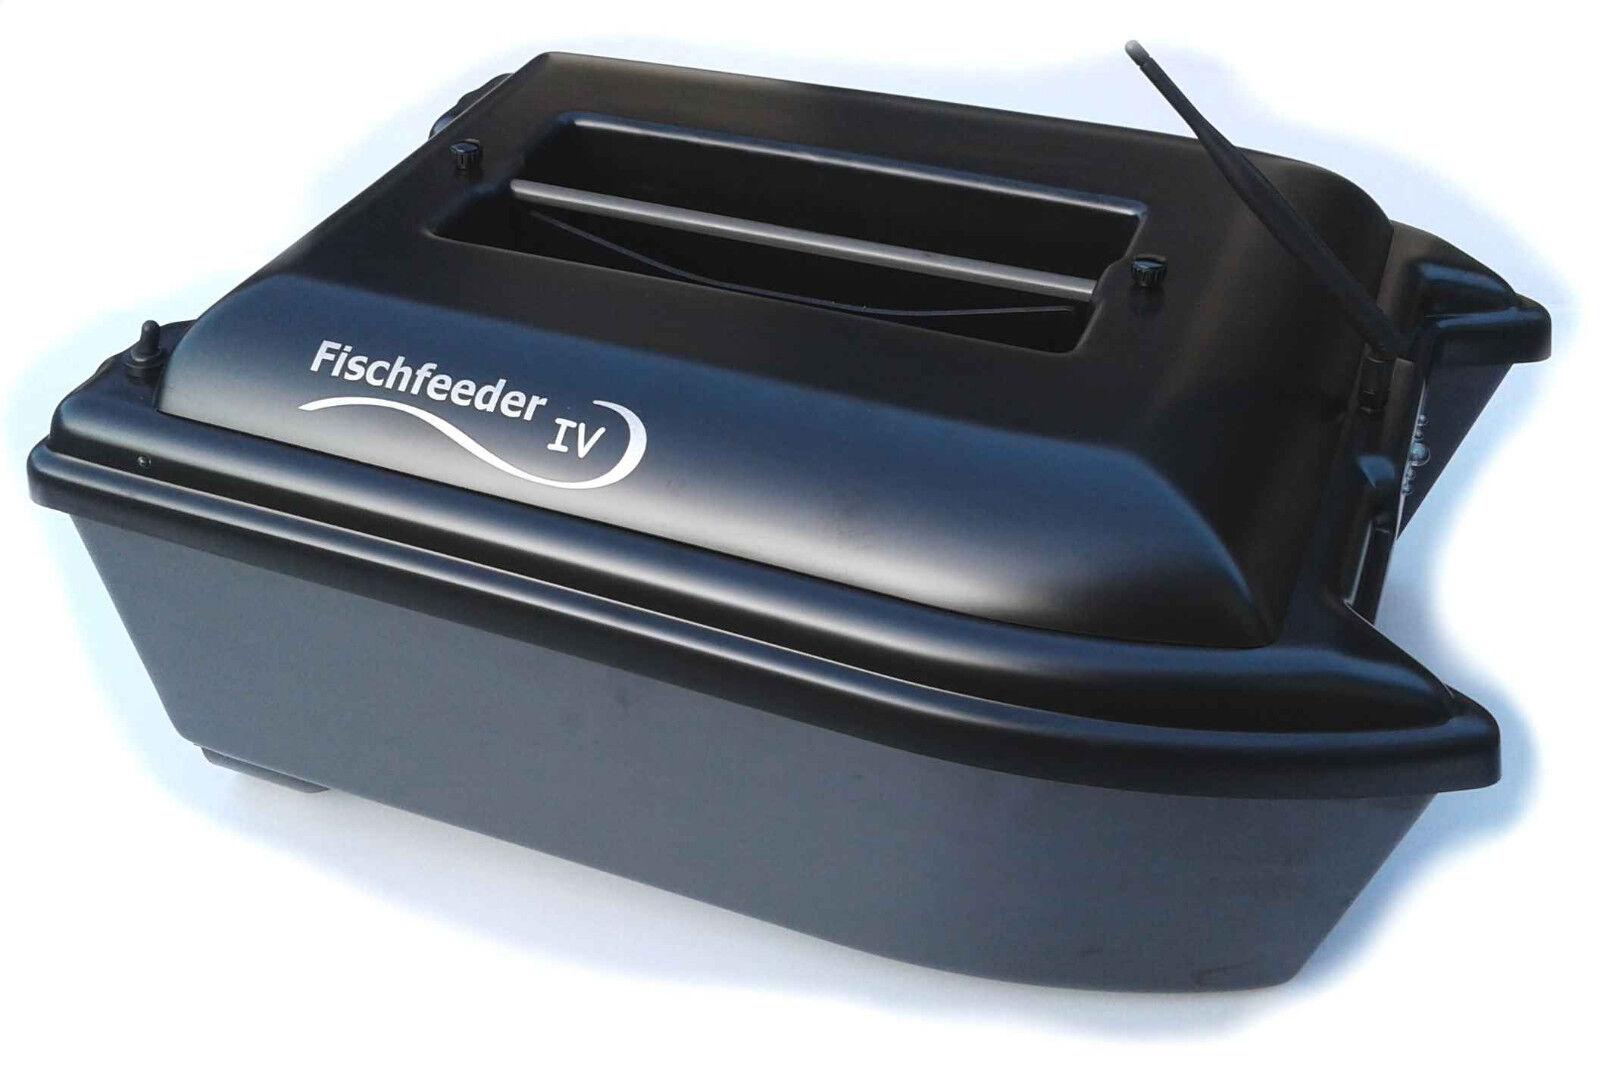 Fischfeeder 4 Futterboot Bausatz V2 Aktionspreis inkl. Taschenset